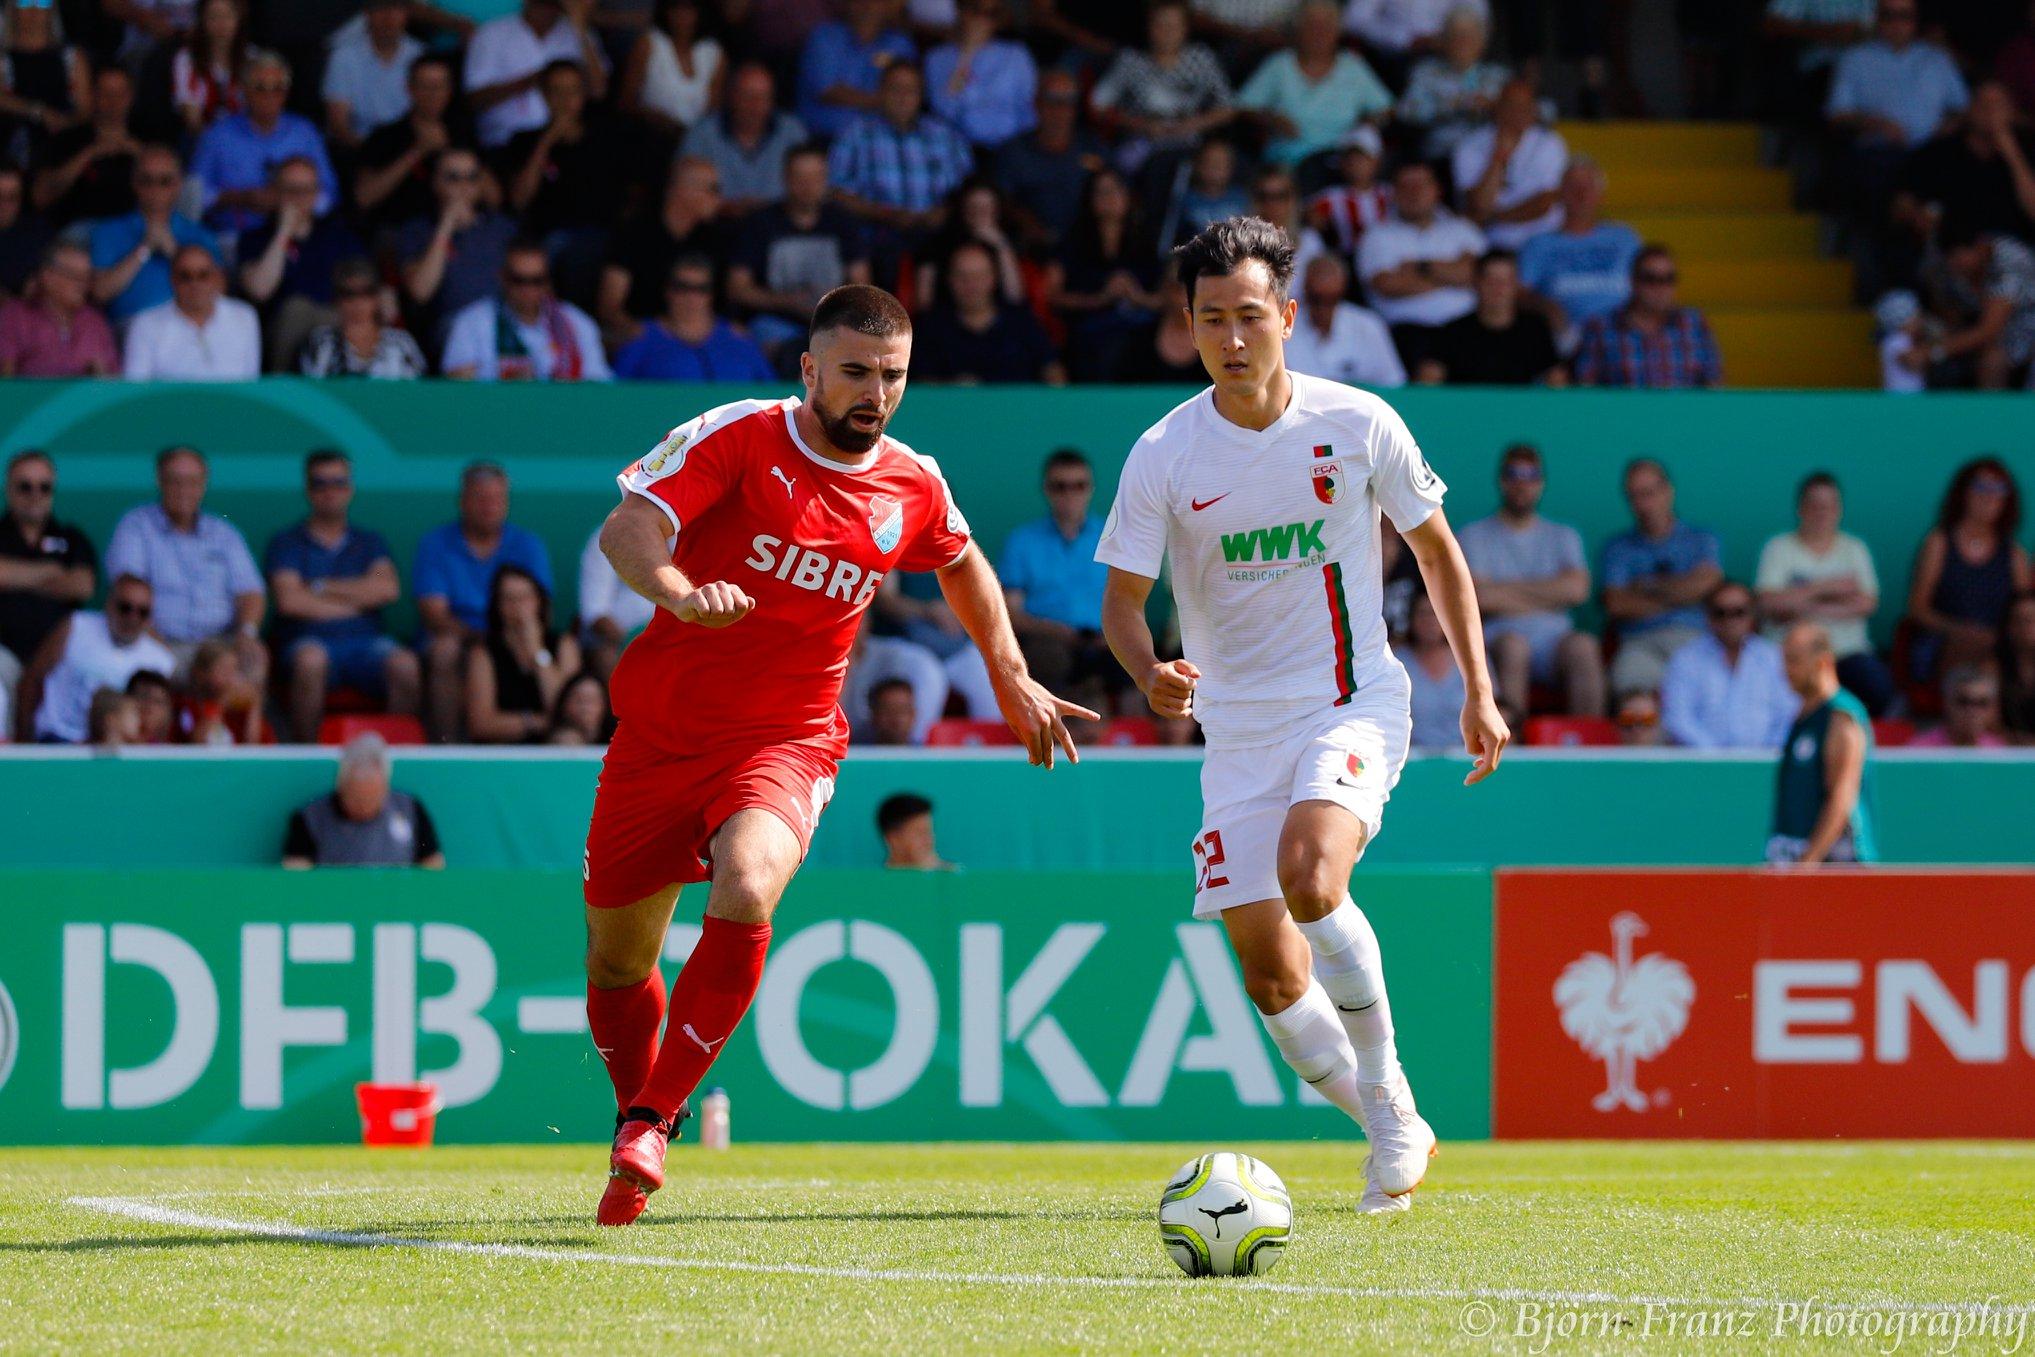 David Haider Kamm Al-Azzawe vom TSV Steinbach Haiger beim DFB-Pokalspiel gegen den FC Augsburg. Bild Björn Franz.